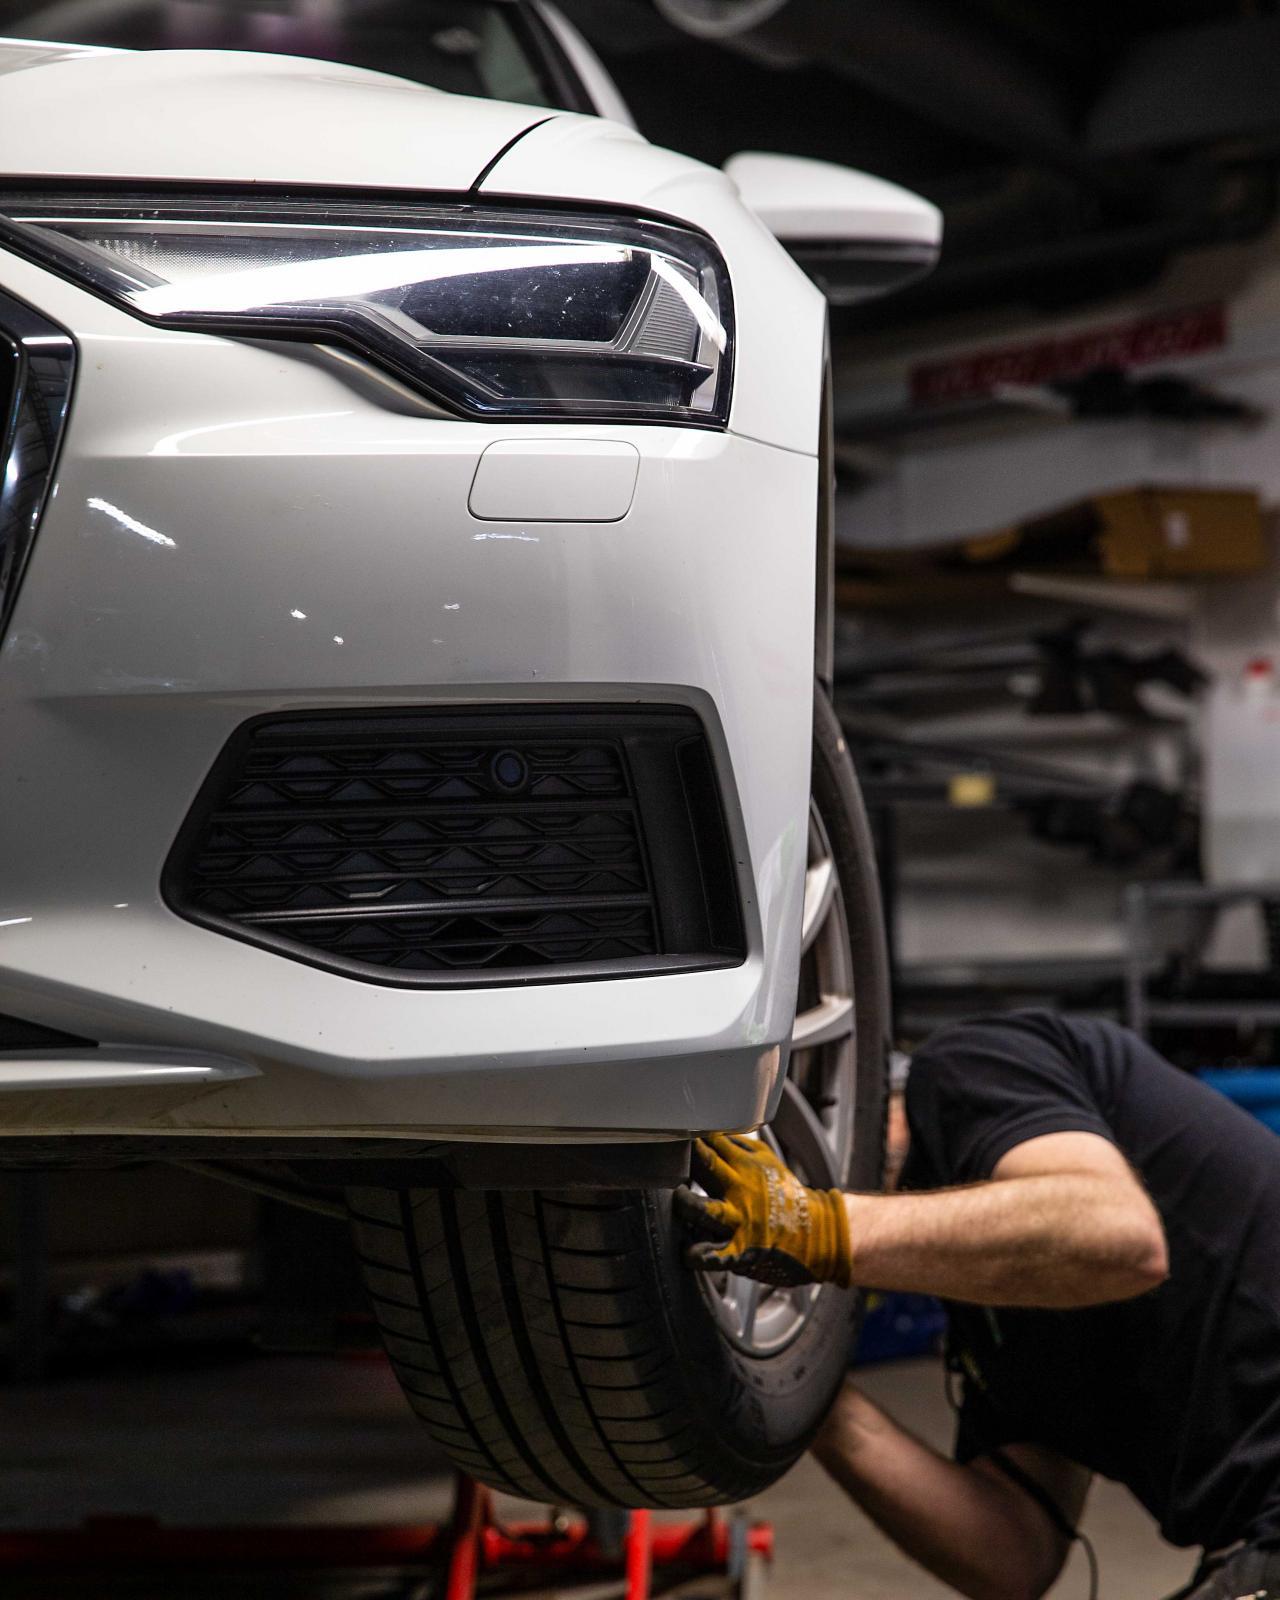 Godkänd Bilverkstad är en kvalitetsstandard som ska se till att bilägare får de tjänster de har betalat för.